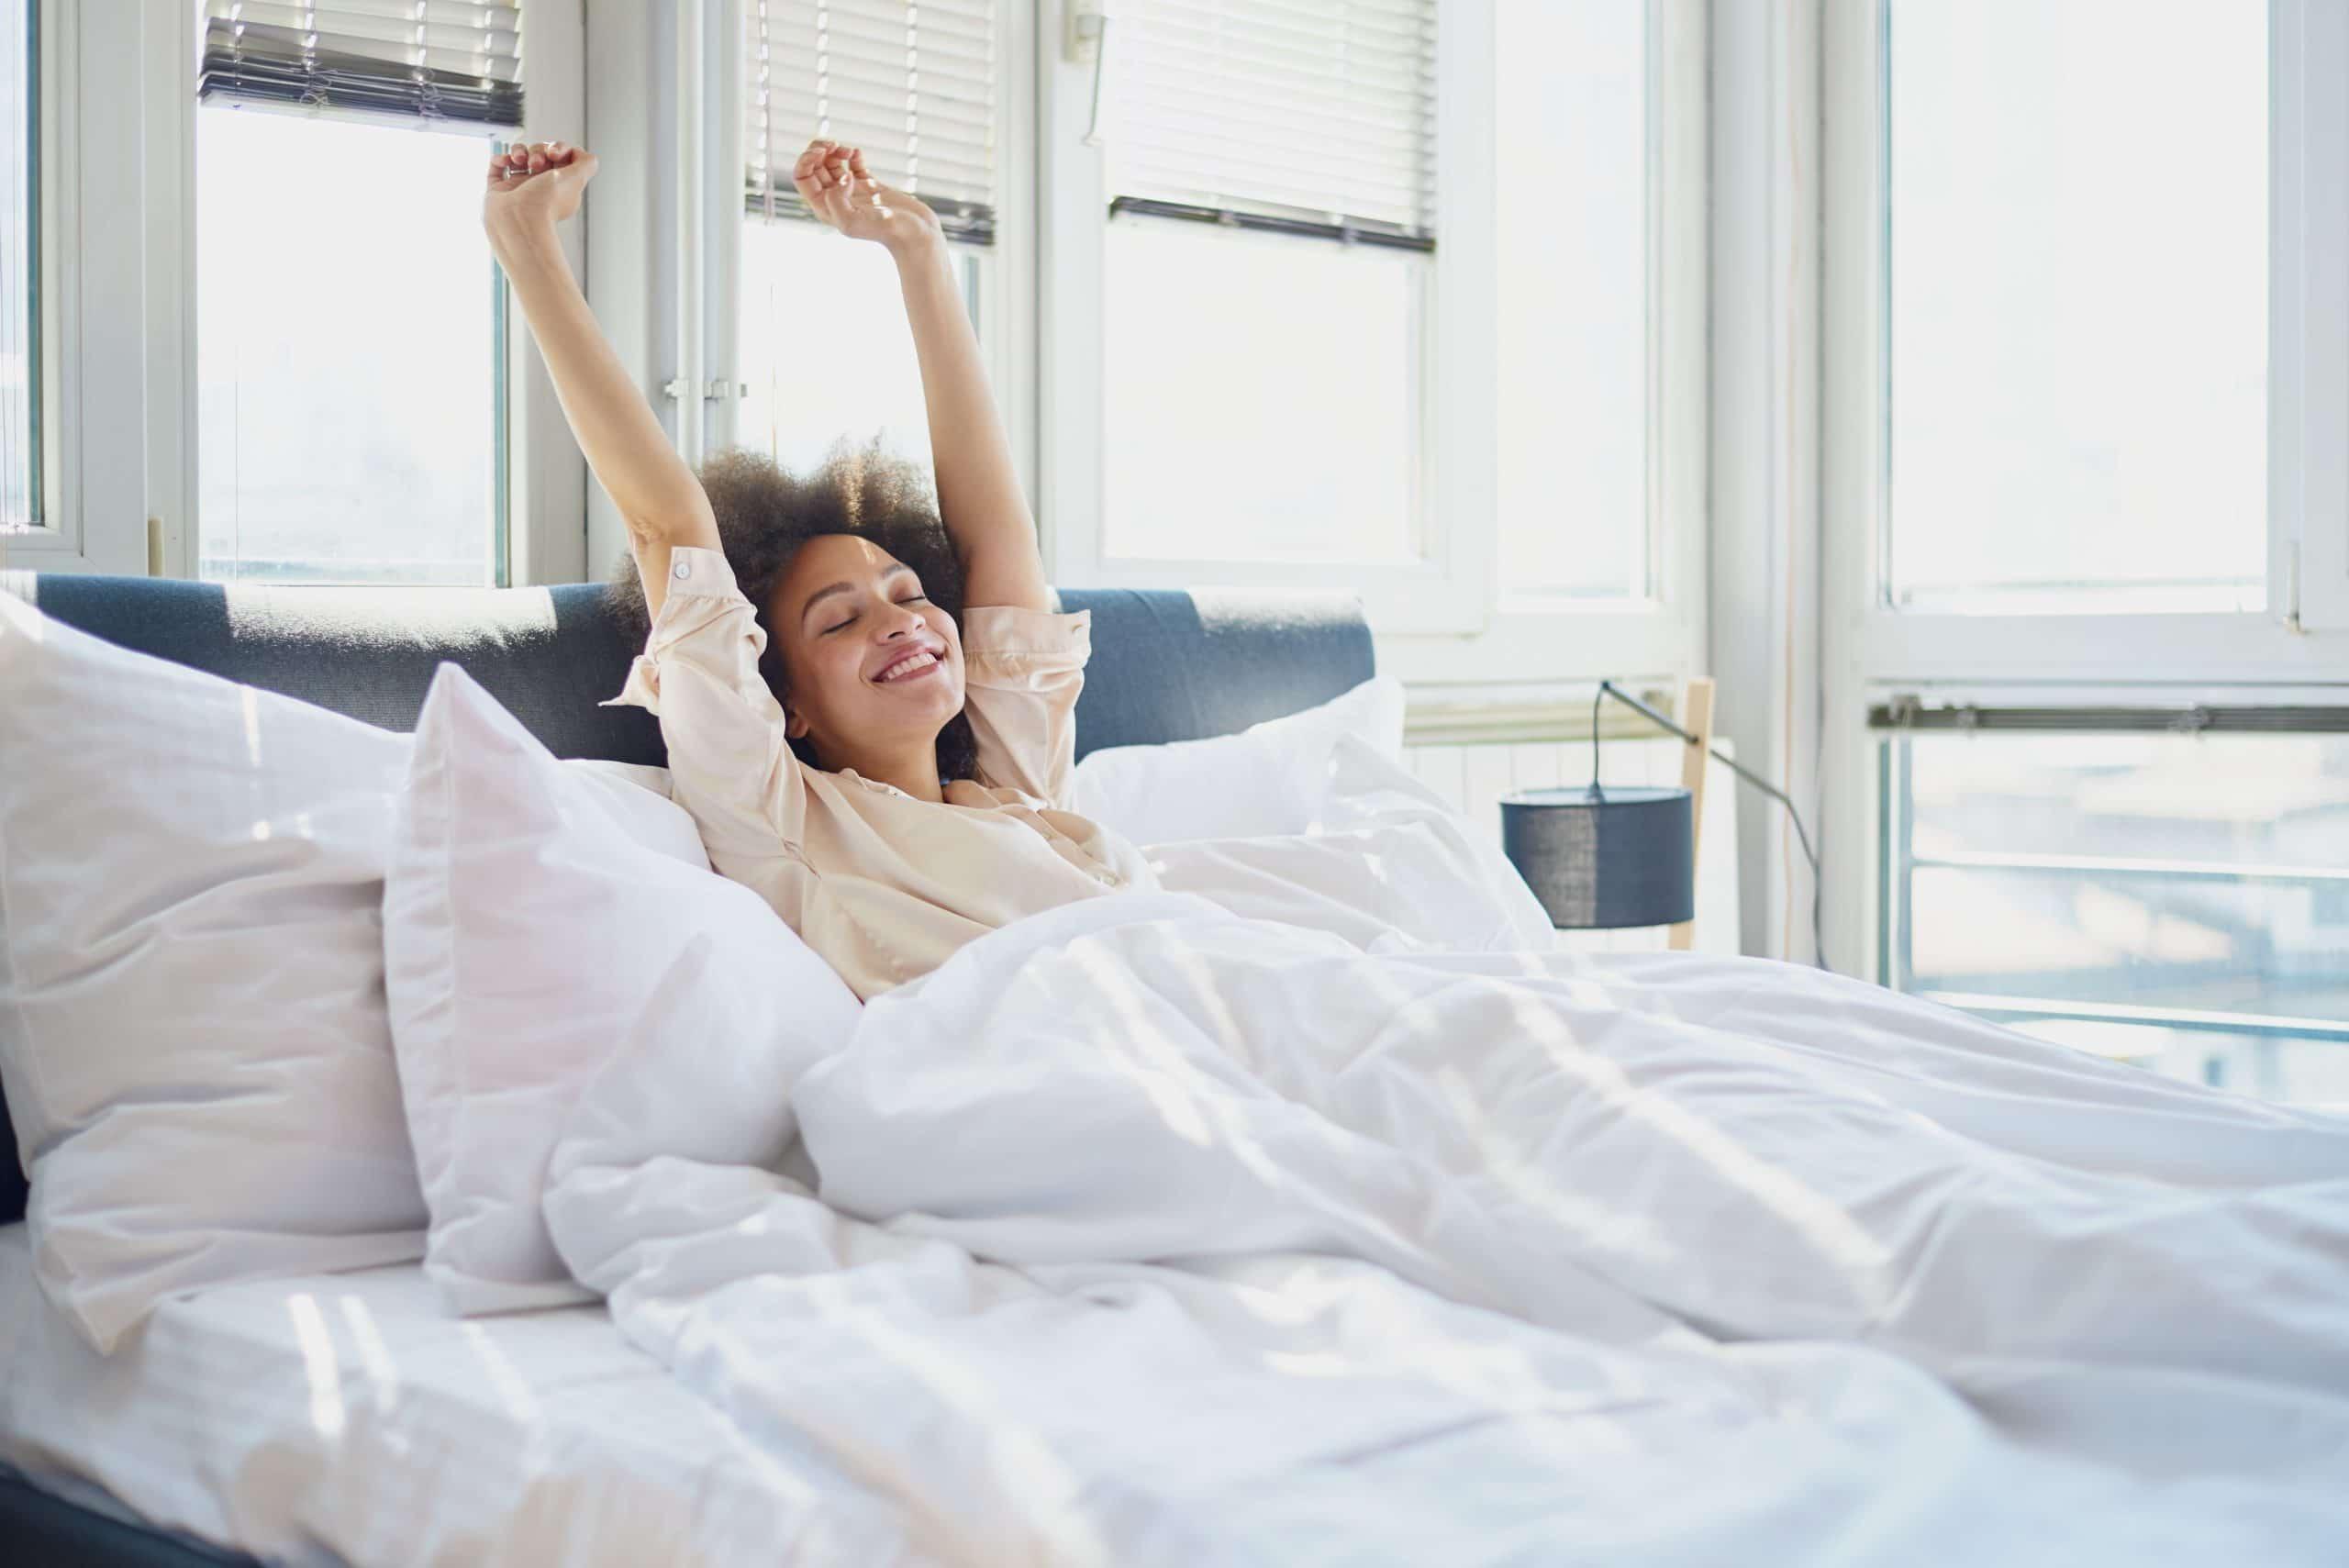 Mulher se espreguiçando na cama.